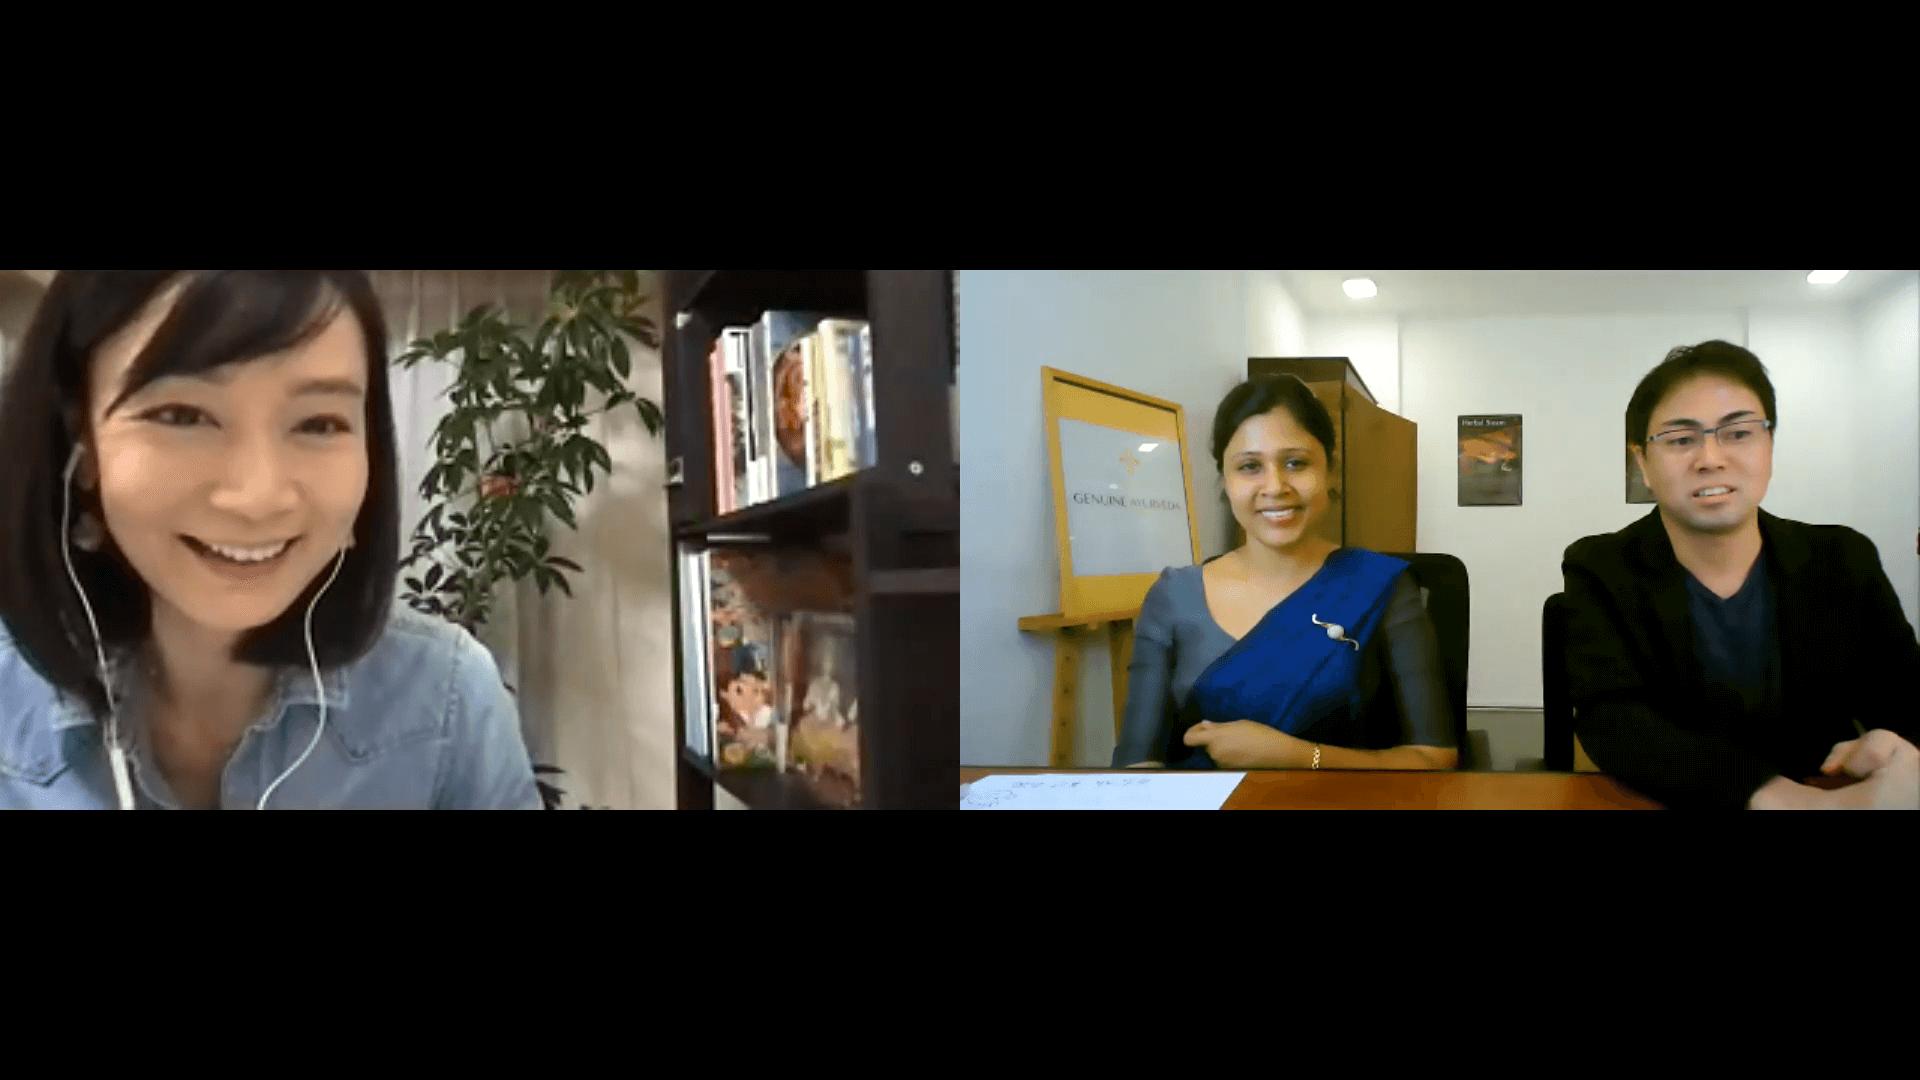 【第2回無料ライブ】アーユルヴェーダ、スリランカとインドの違いは?現役医師が現地から最新情報をお届けします!